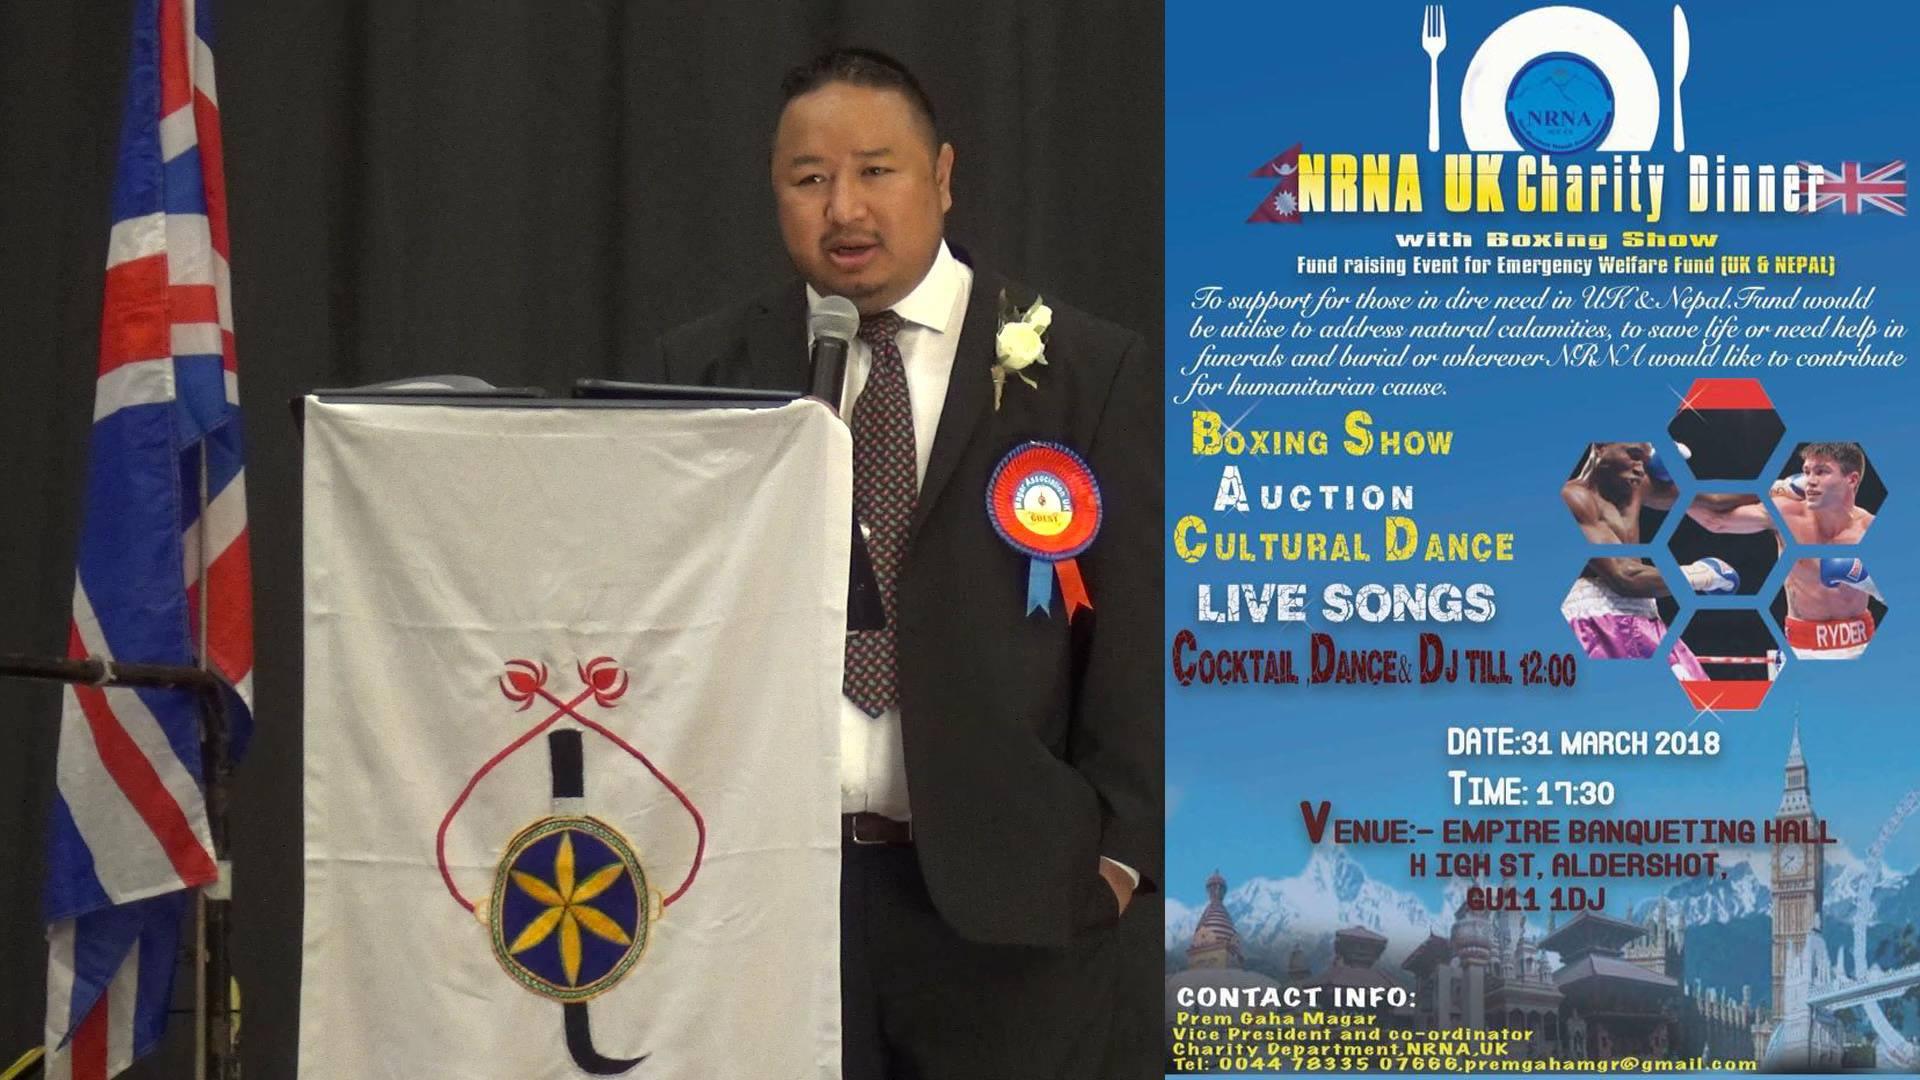 NRNA UK को  उप अध्यक्ष  प्रेम गाहा  मगर ज्यु ले  आगामी मार्च  ३१ मा हुन लागेको च्यारिटी  कार्यक्रमको लागि सम्पूर्ण  नेपालीहरुलाई  यसरी  निमन्त्रणा गरेको  छन् L